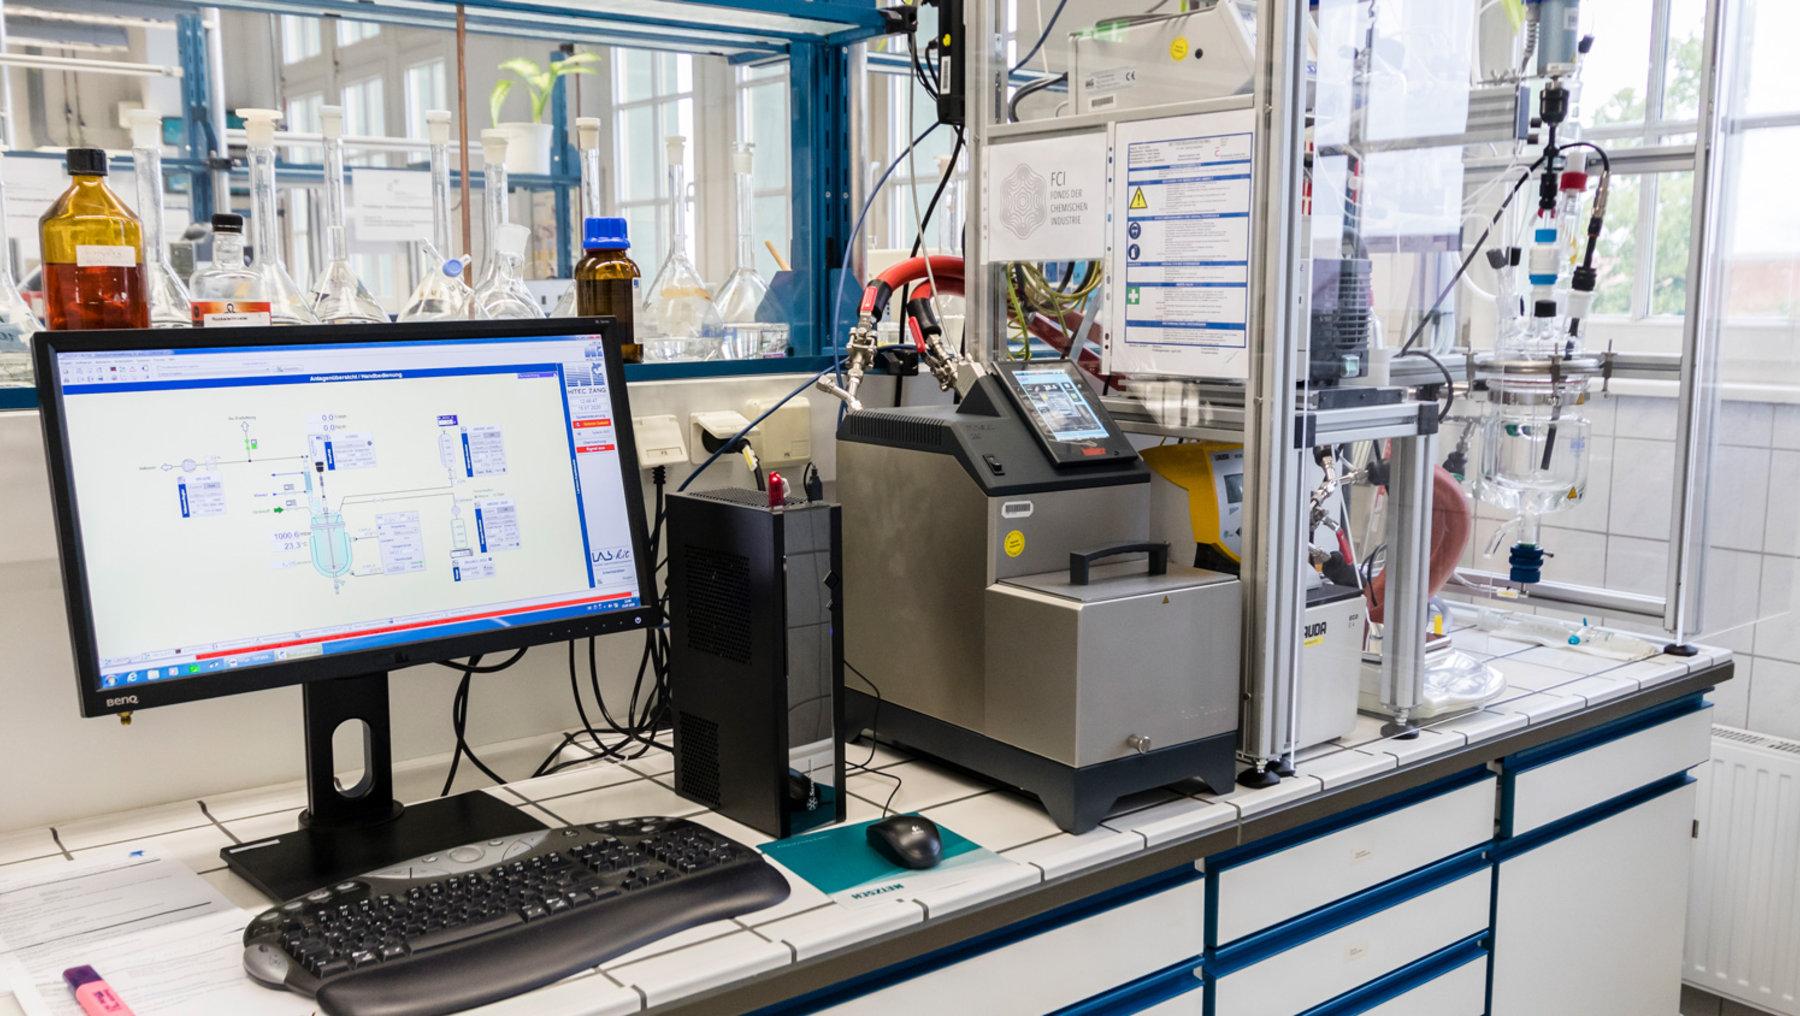 Prozess- und Rezepturentwicklung in einer vollautomatisierten Multipurpose-Anlage mit Ablaufsteuerung